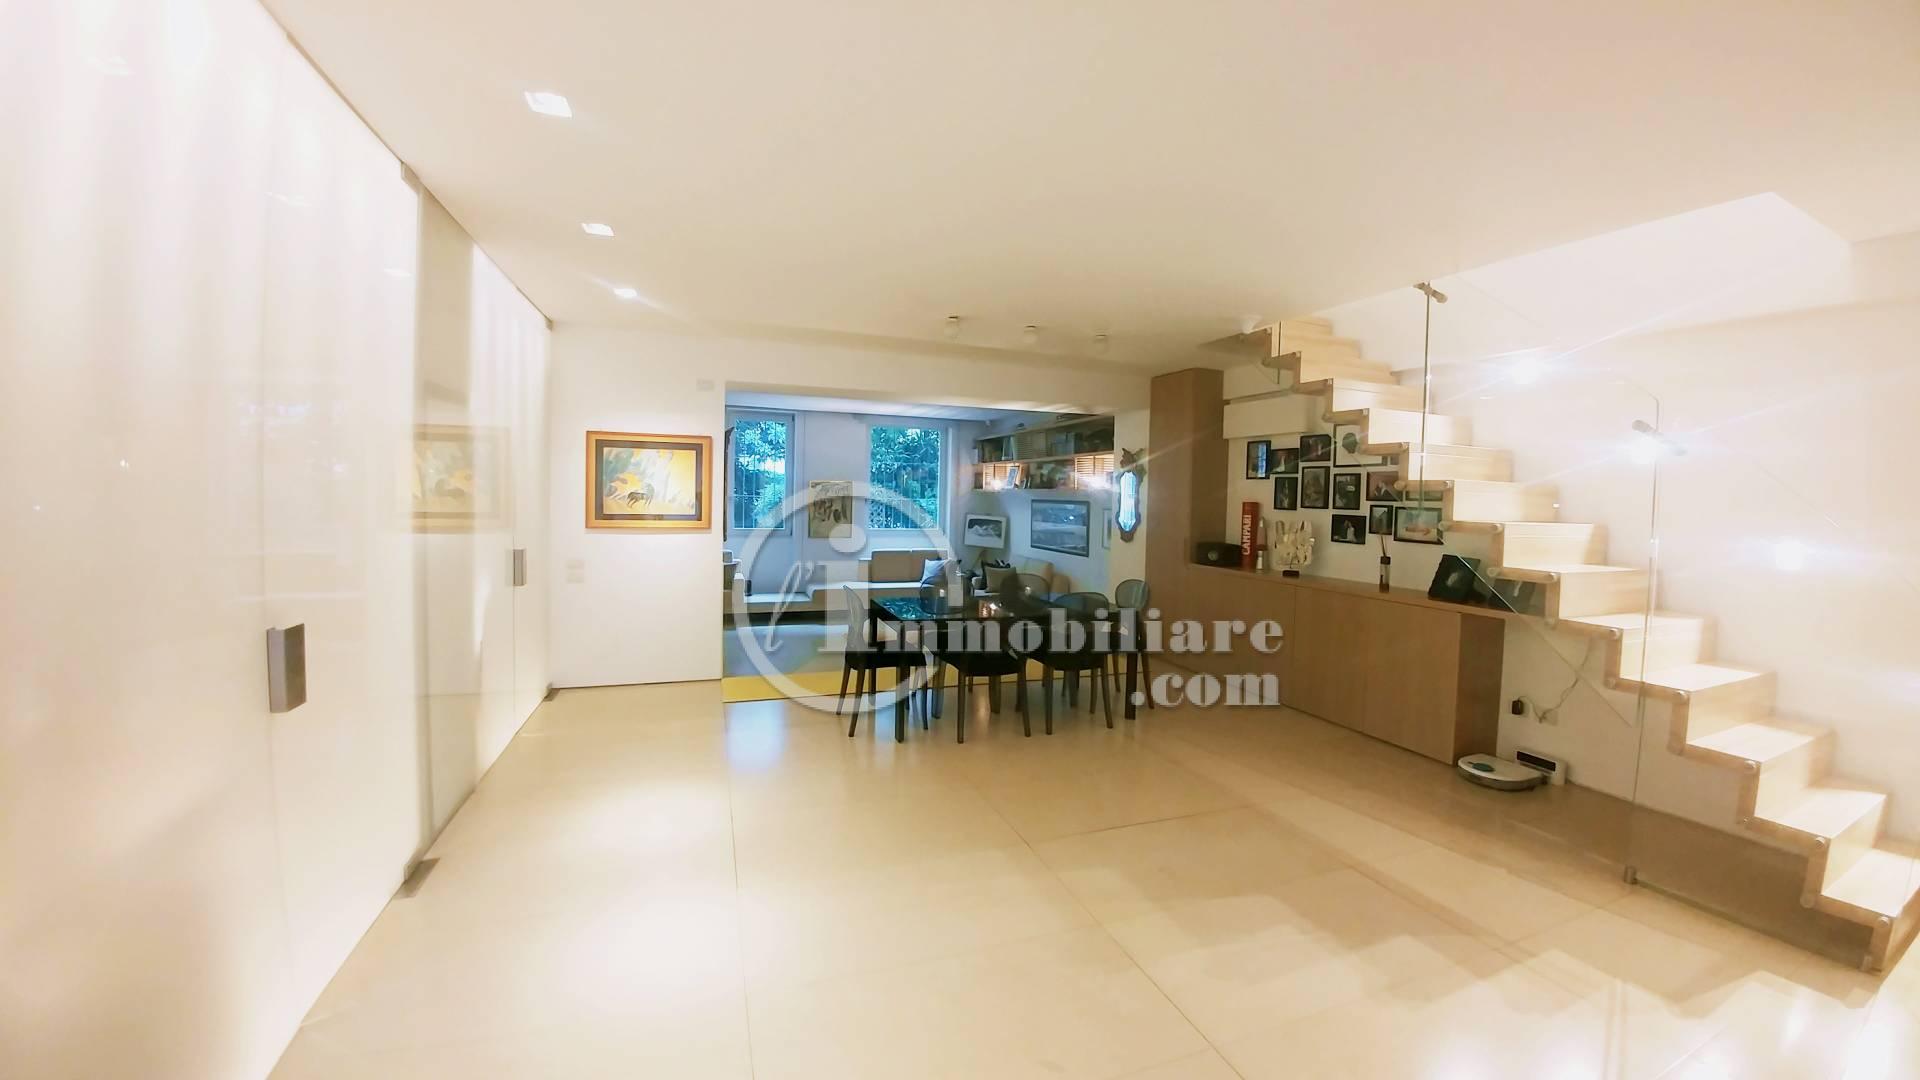 Appartamento in Vendita a Milano: 5 locali, 200 mq - Foto 2